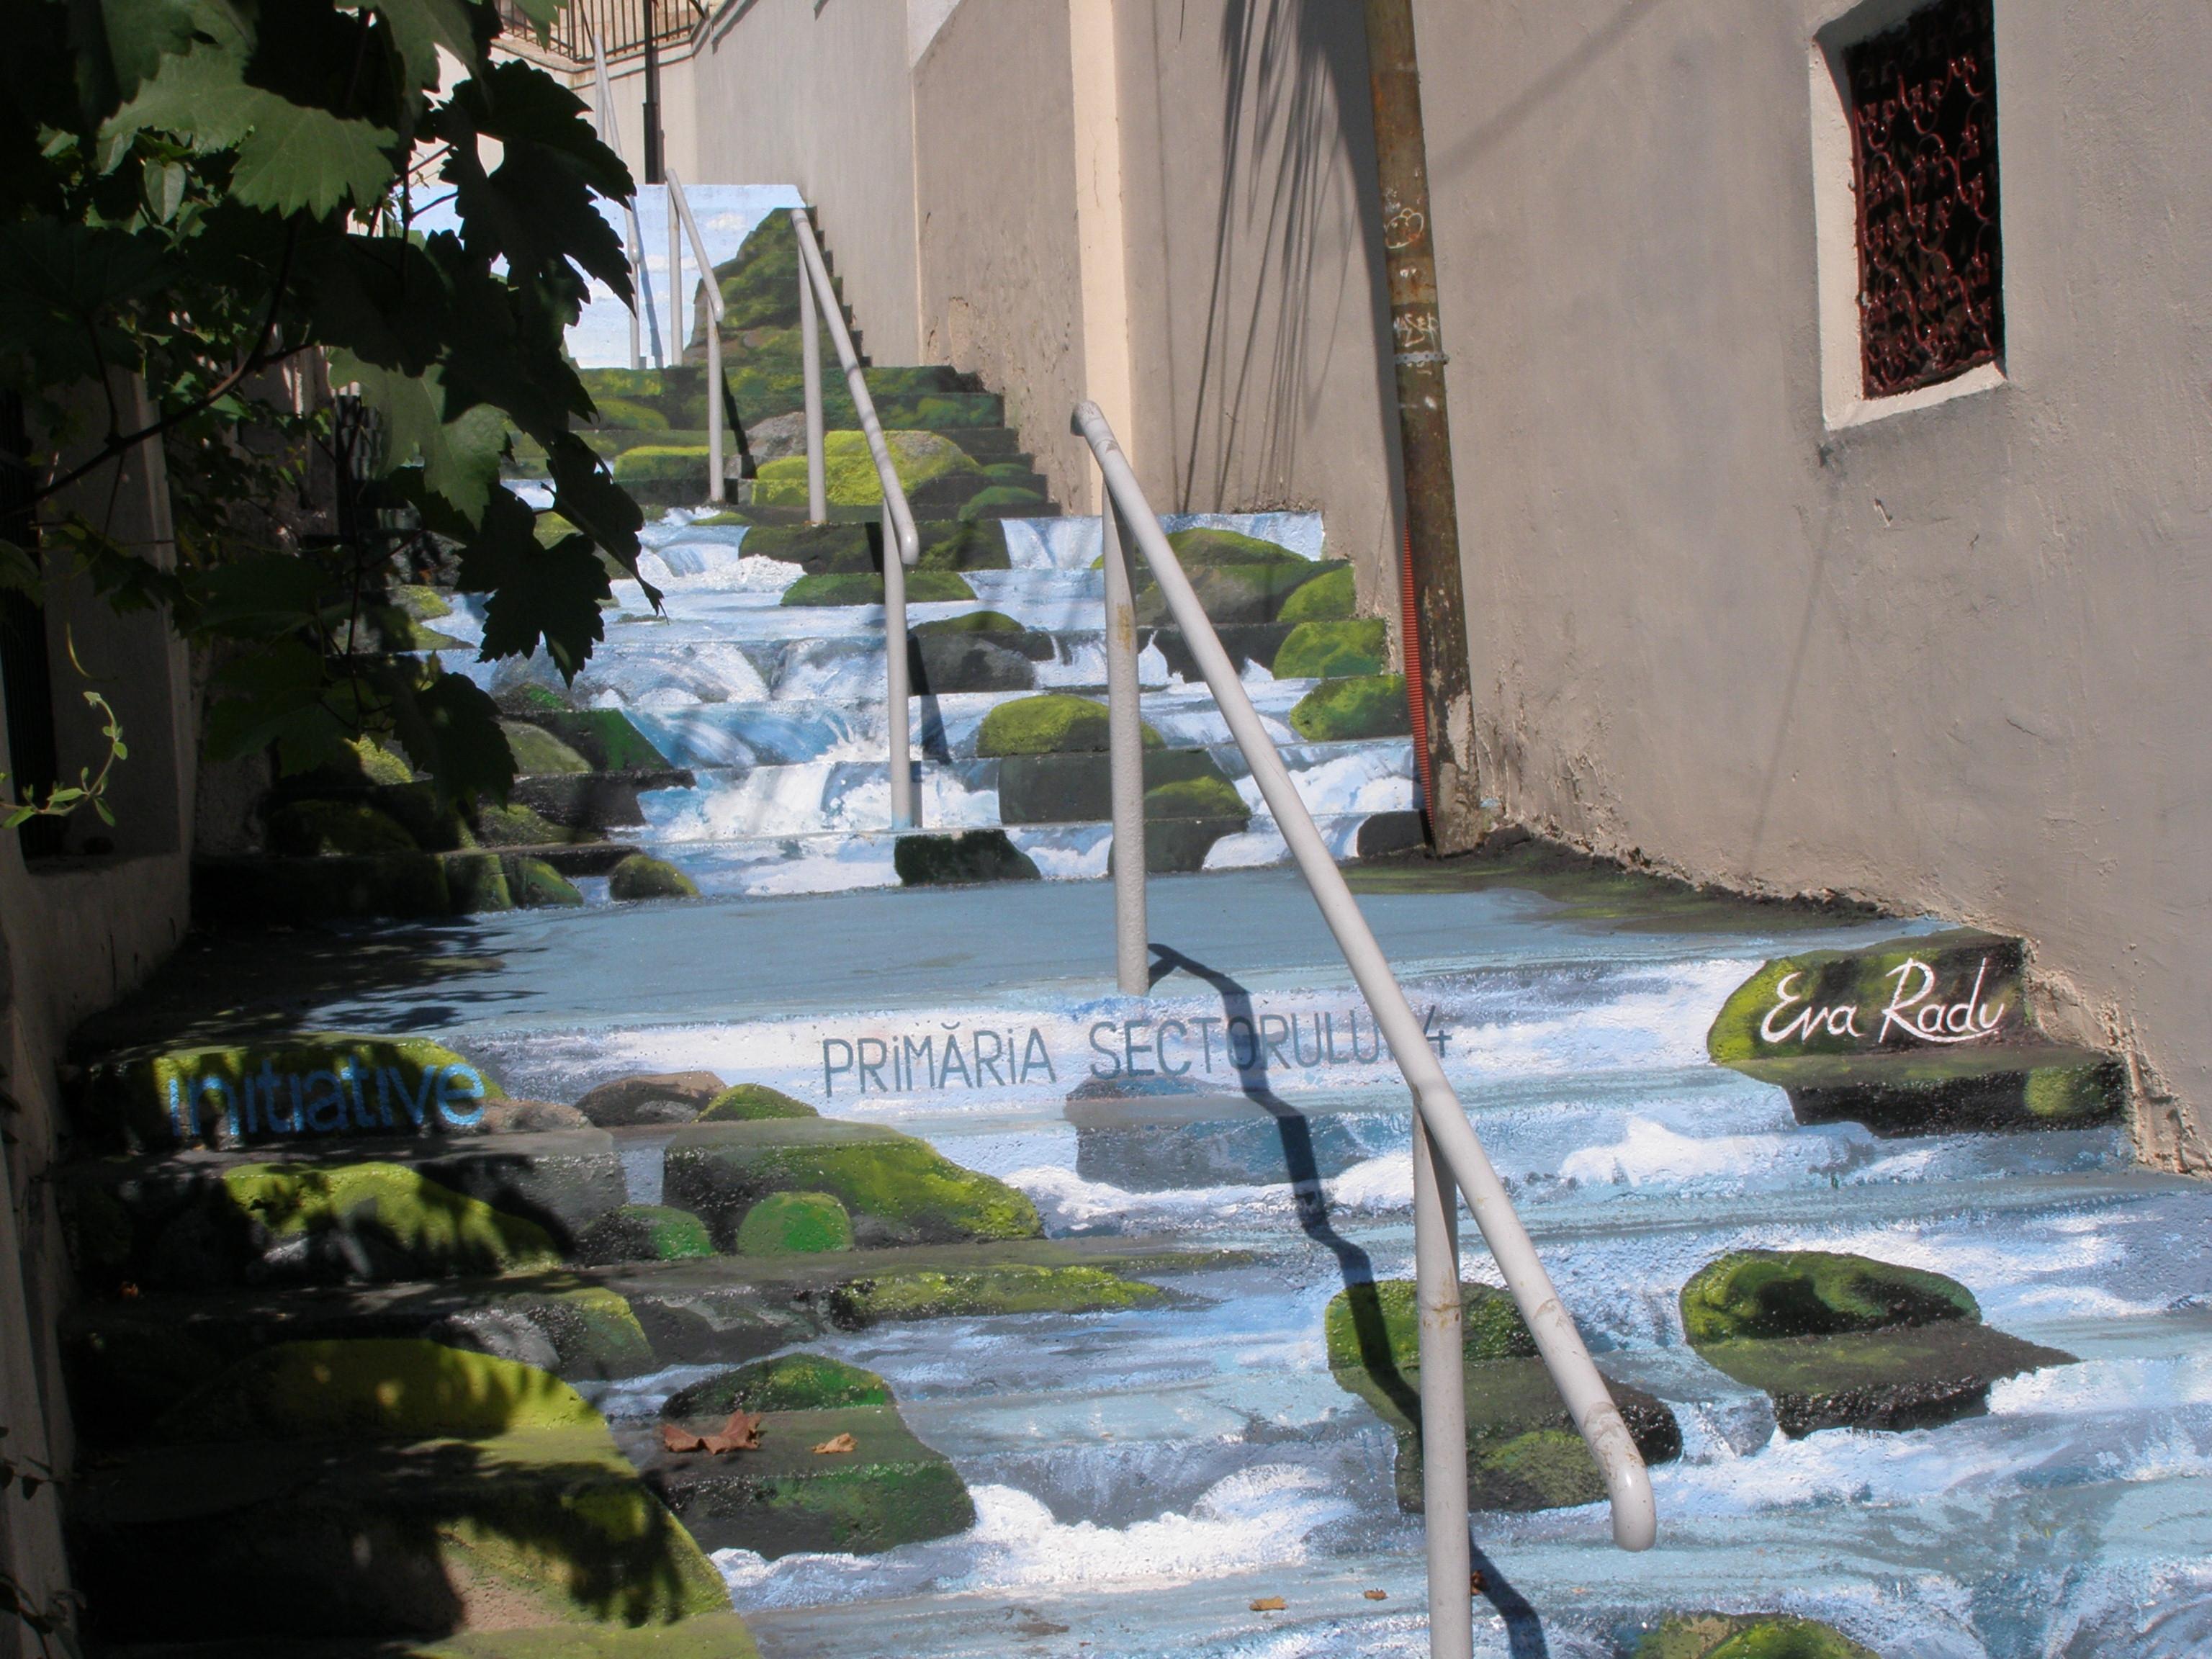 Un râu de munte îngust, care curge la vale, printre case, în plin centru Bucureştilor, la doi paşi de Parcul Carol şi Patriarhie. un rău pictat